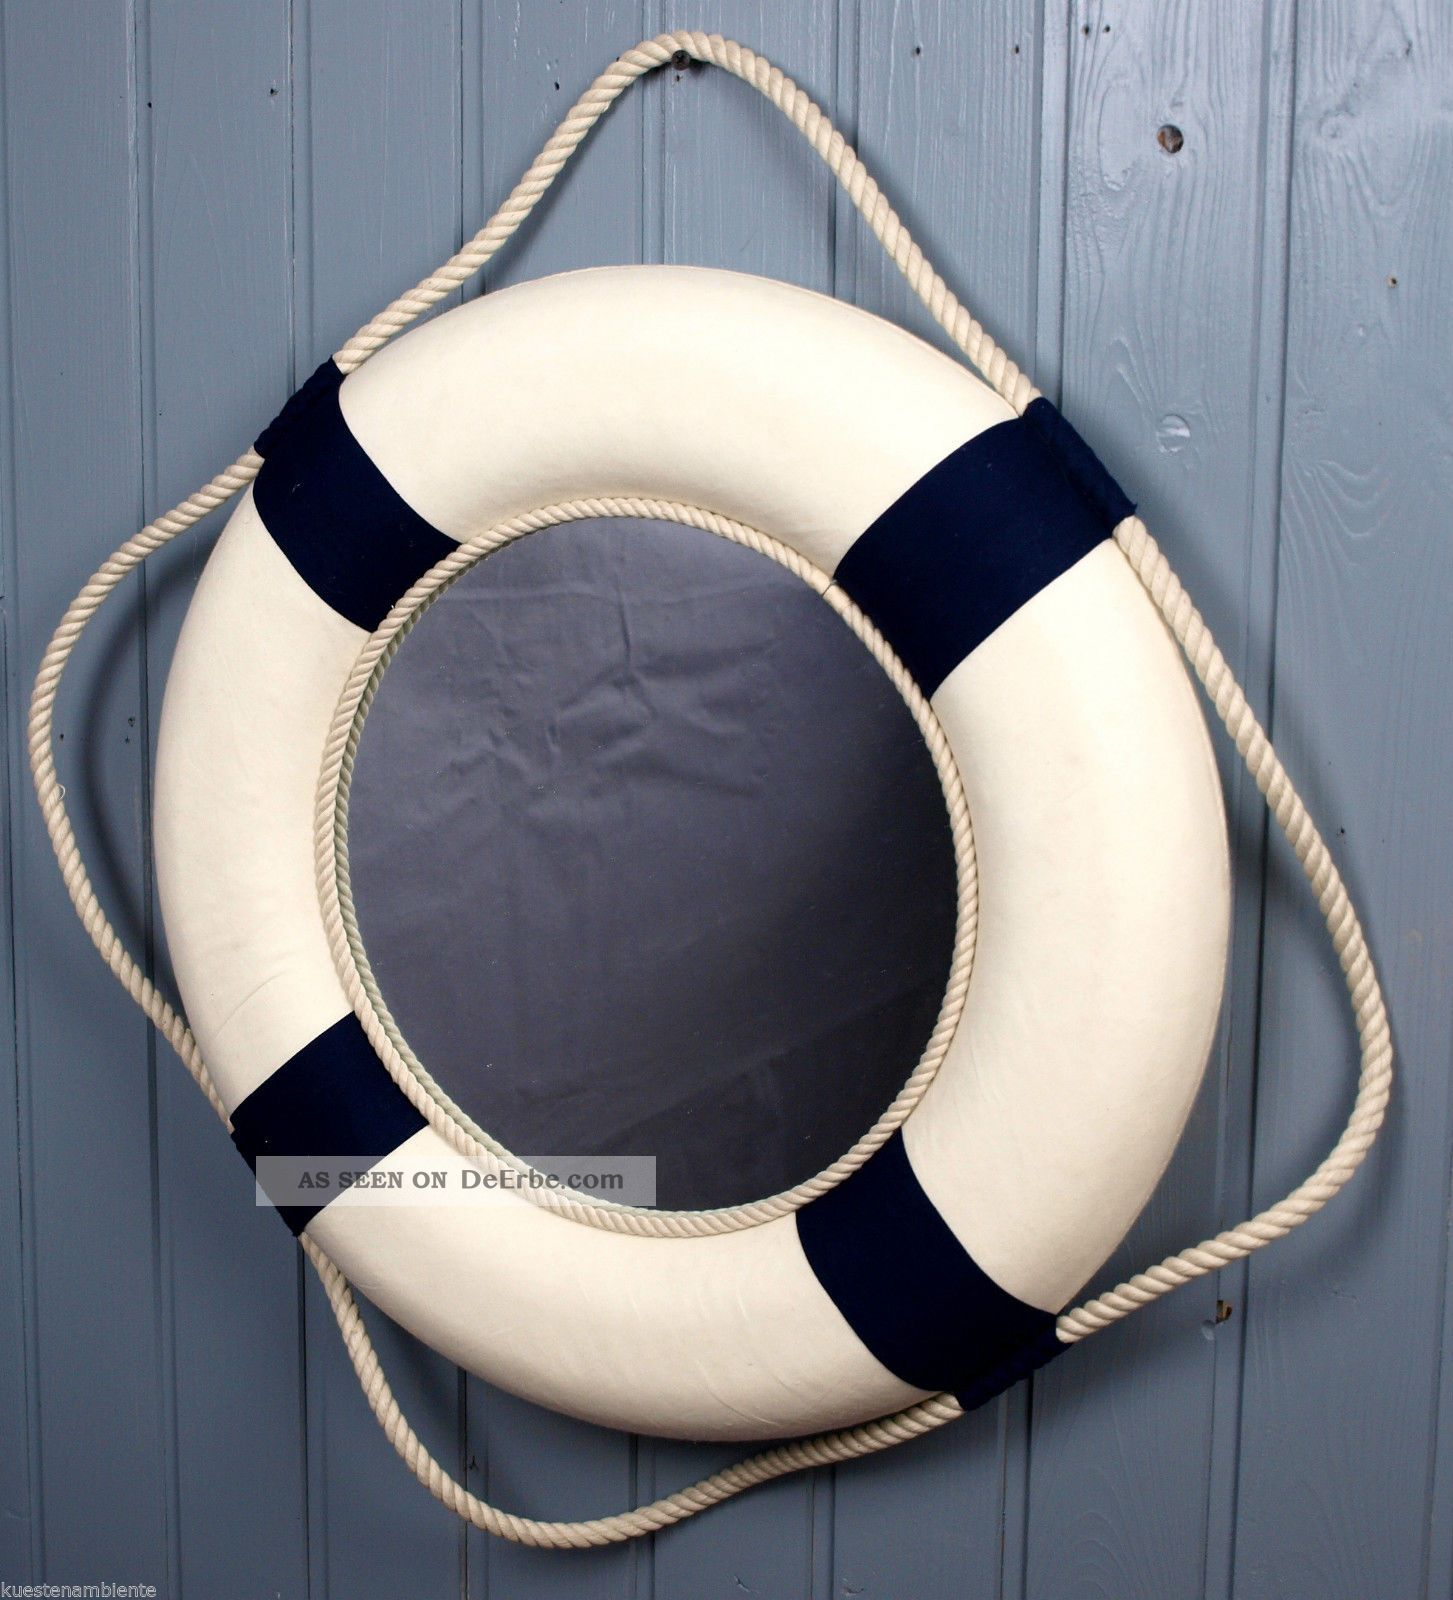 Deko rettungsring 50 cm blau wei mit spiegel wandspiegel ii wahl - Deko wandspiegel ...